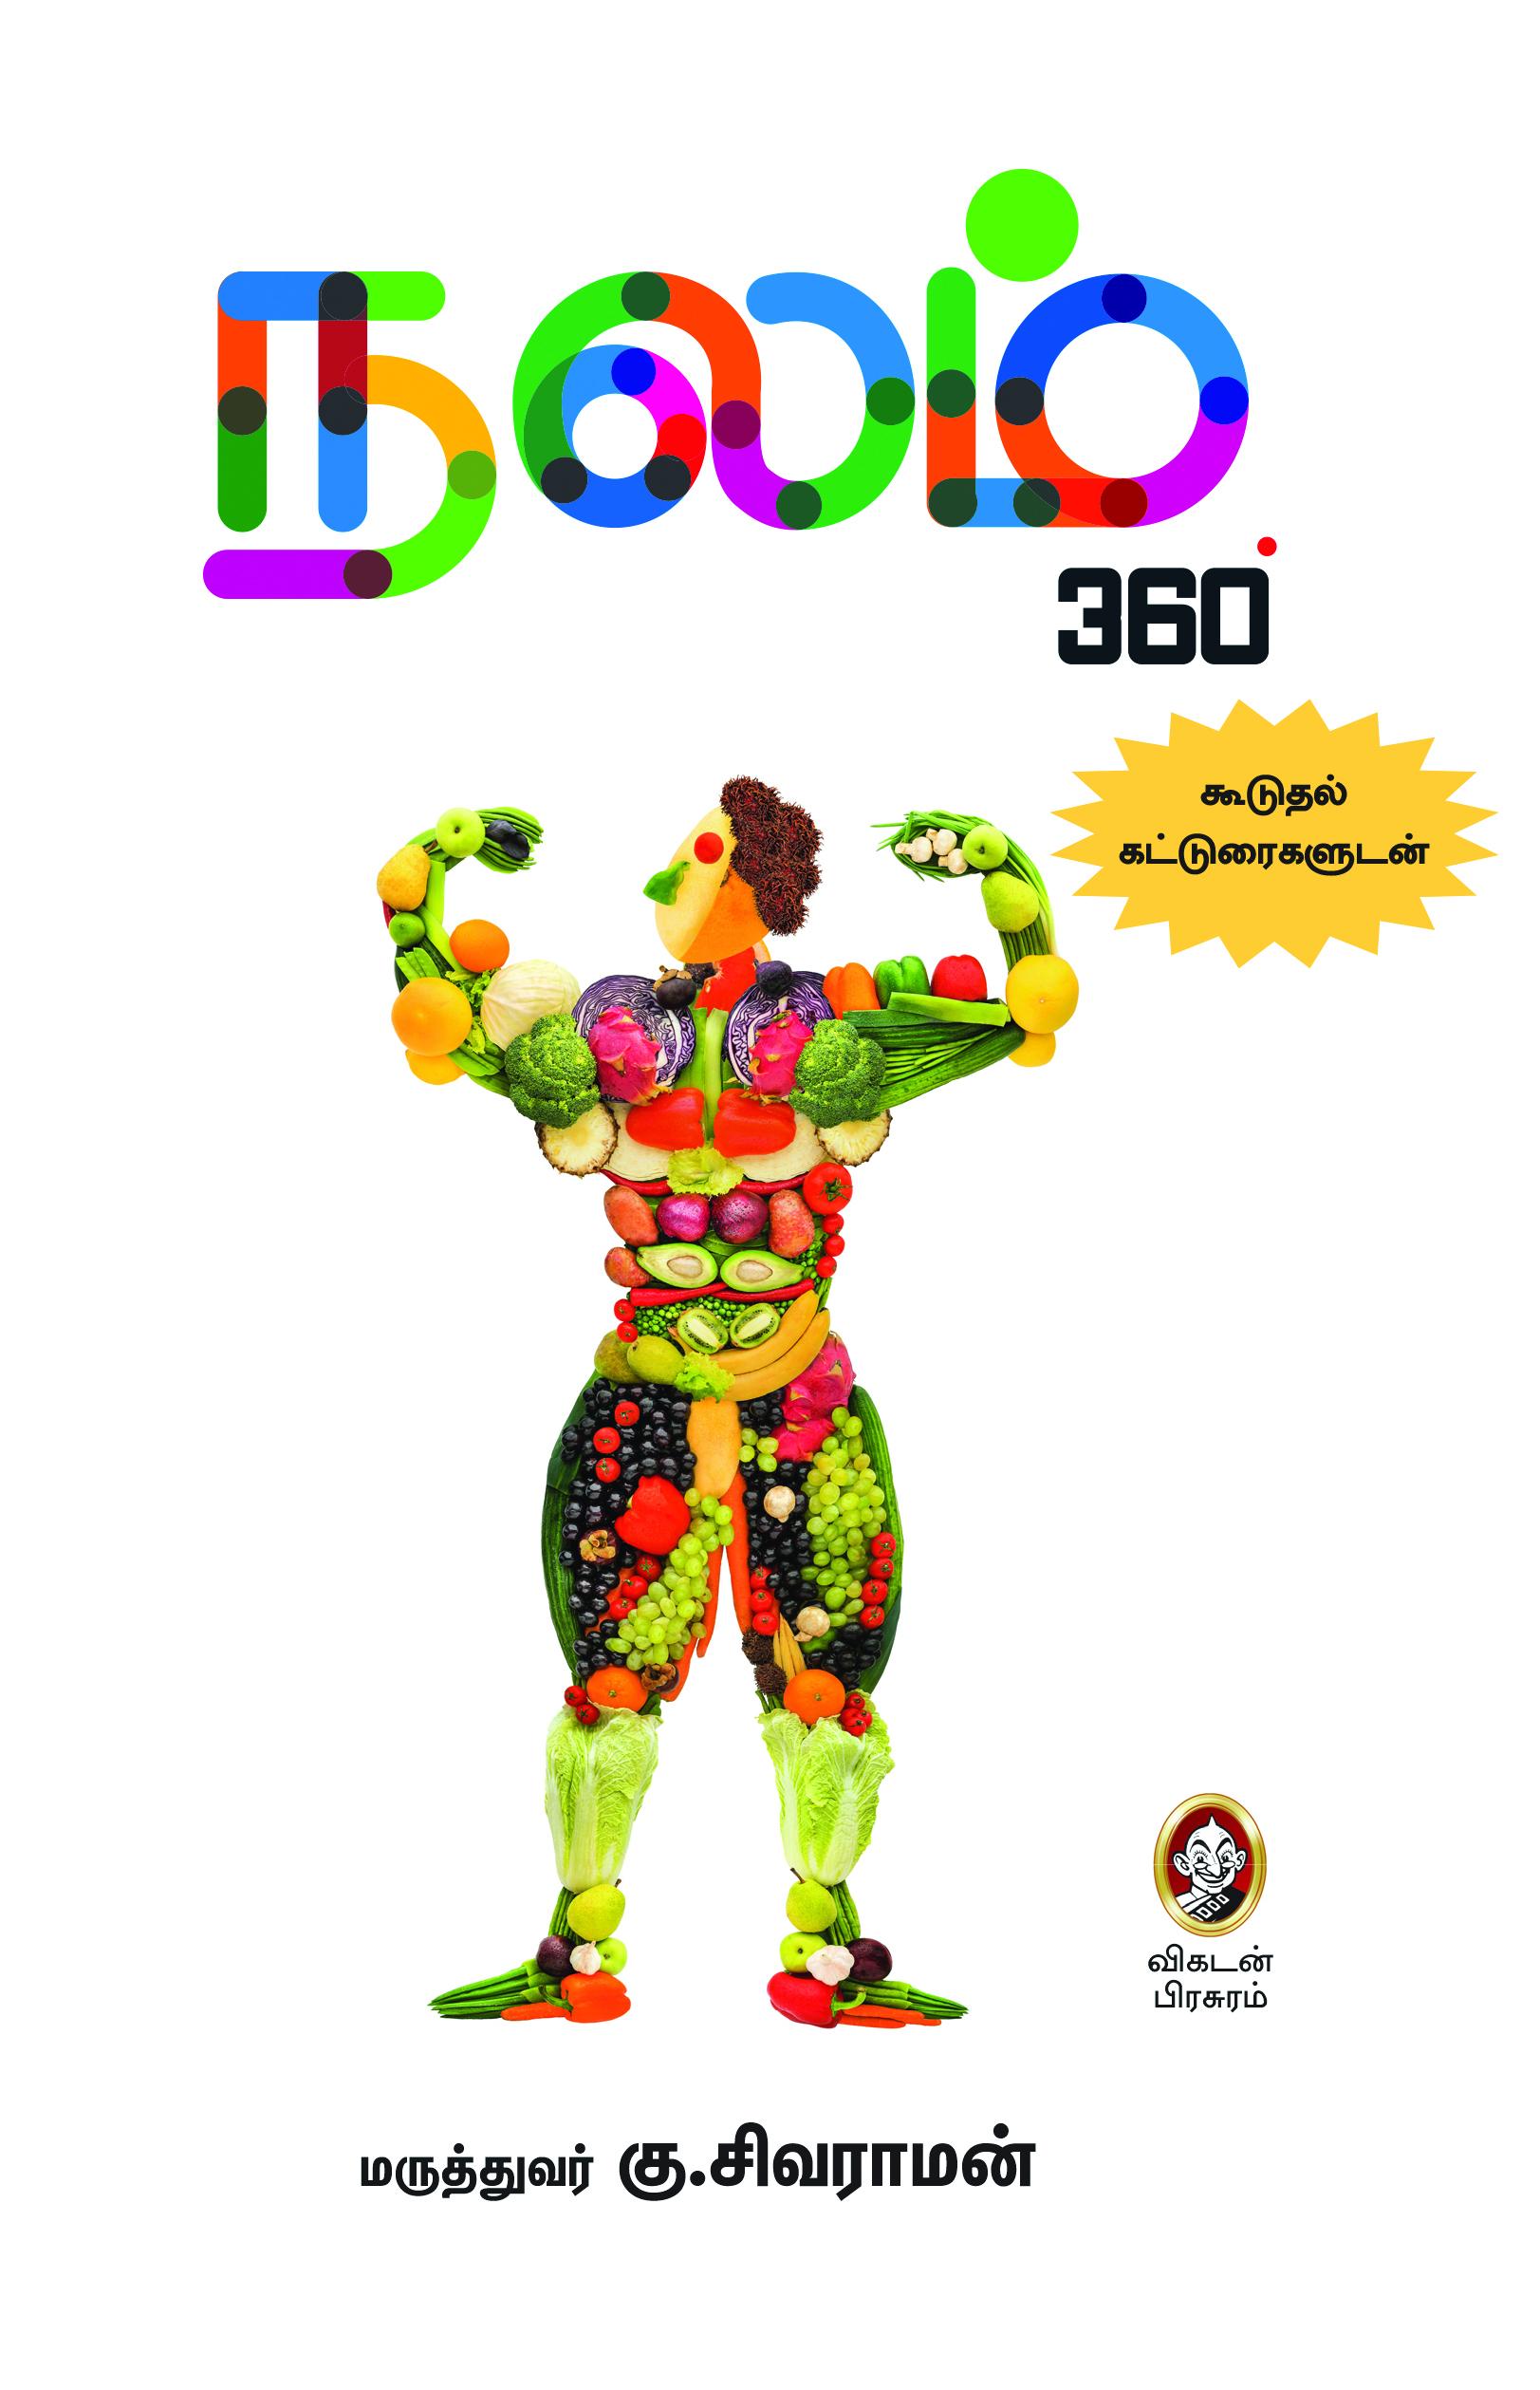 நலம் 360